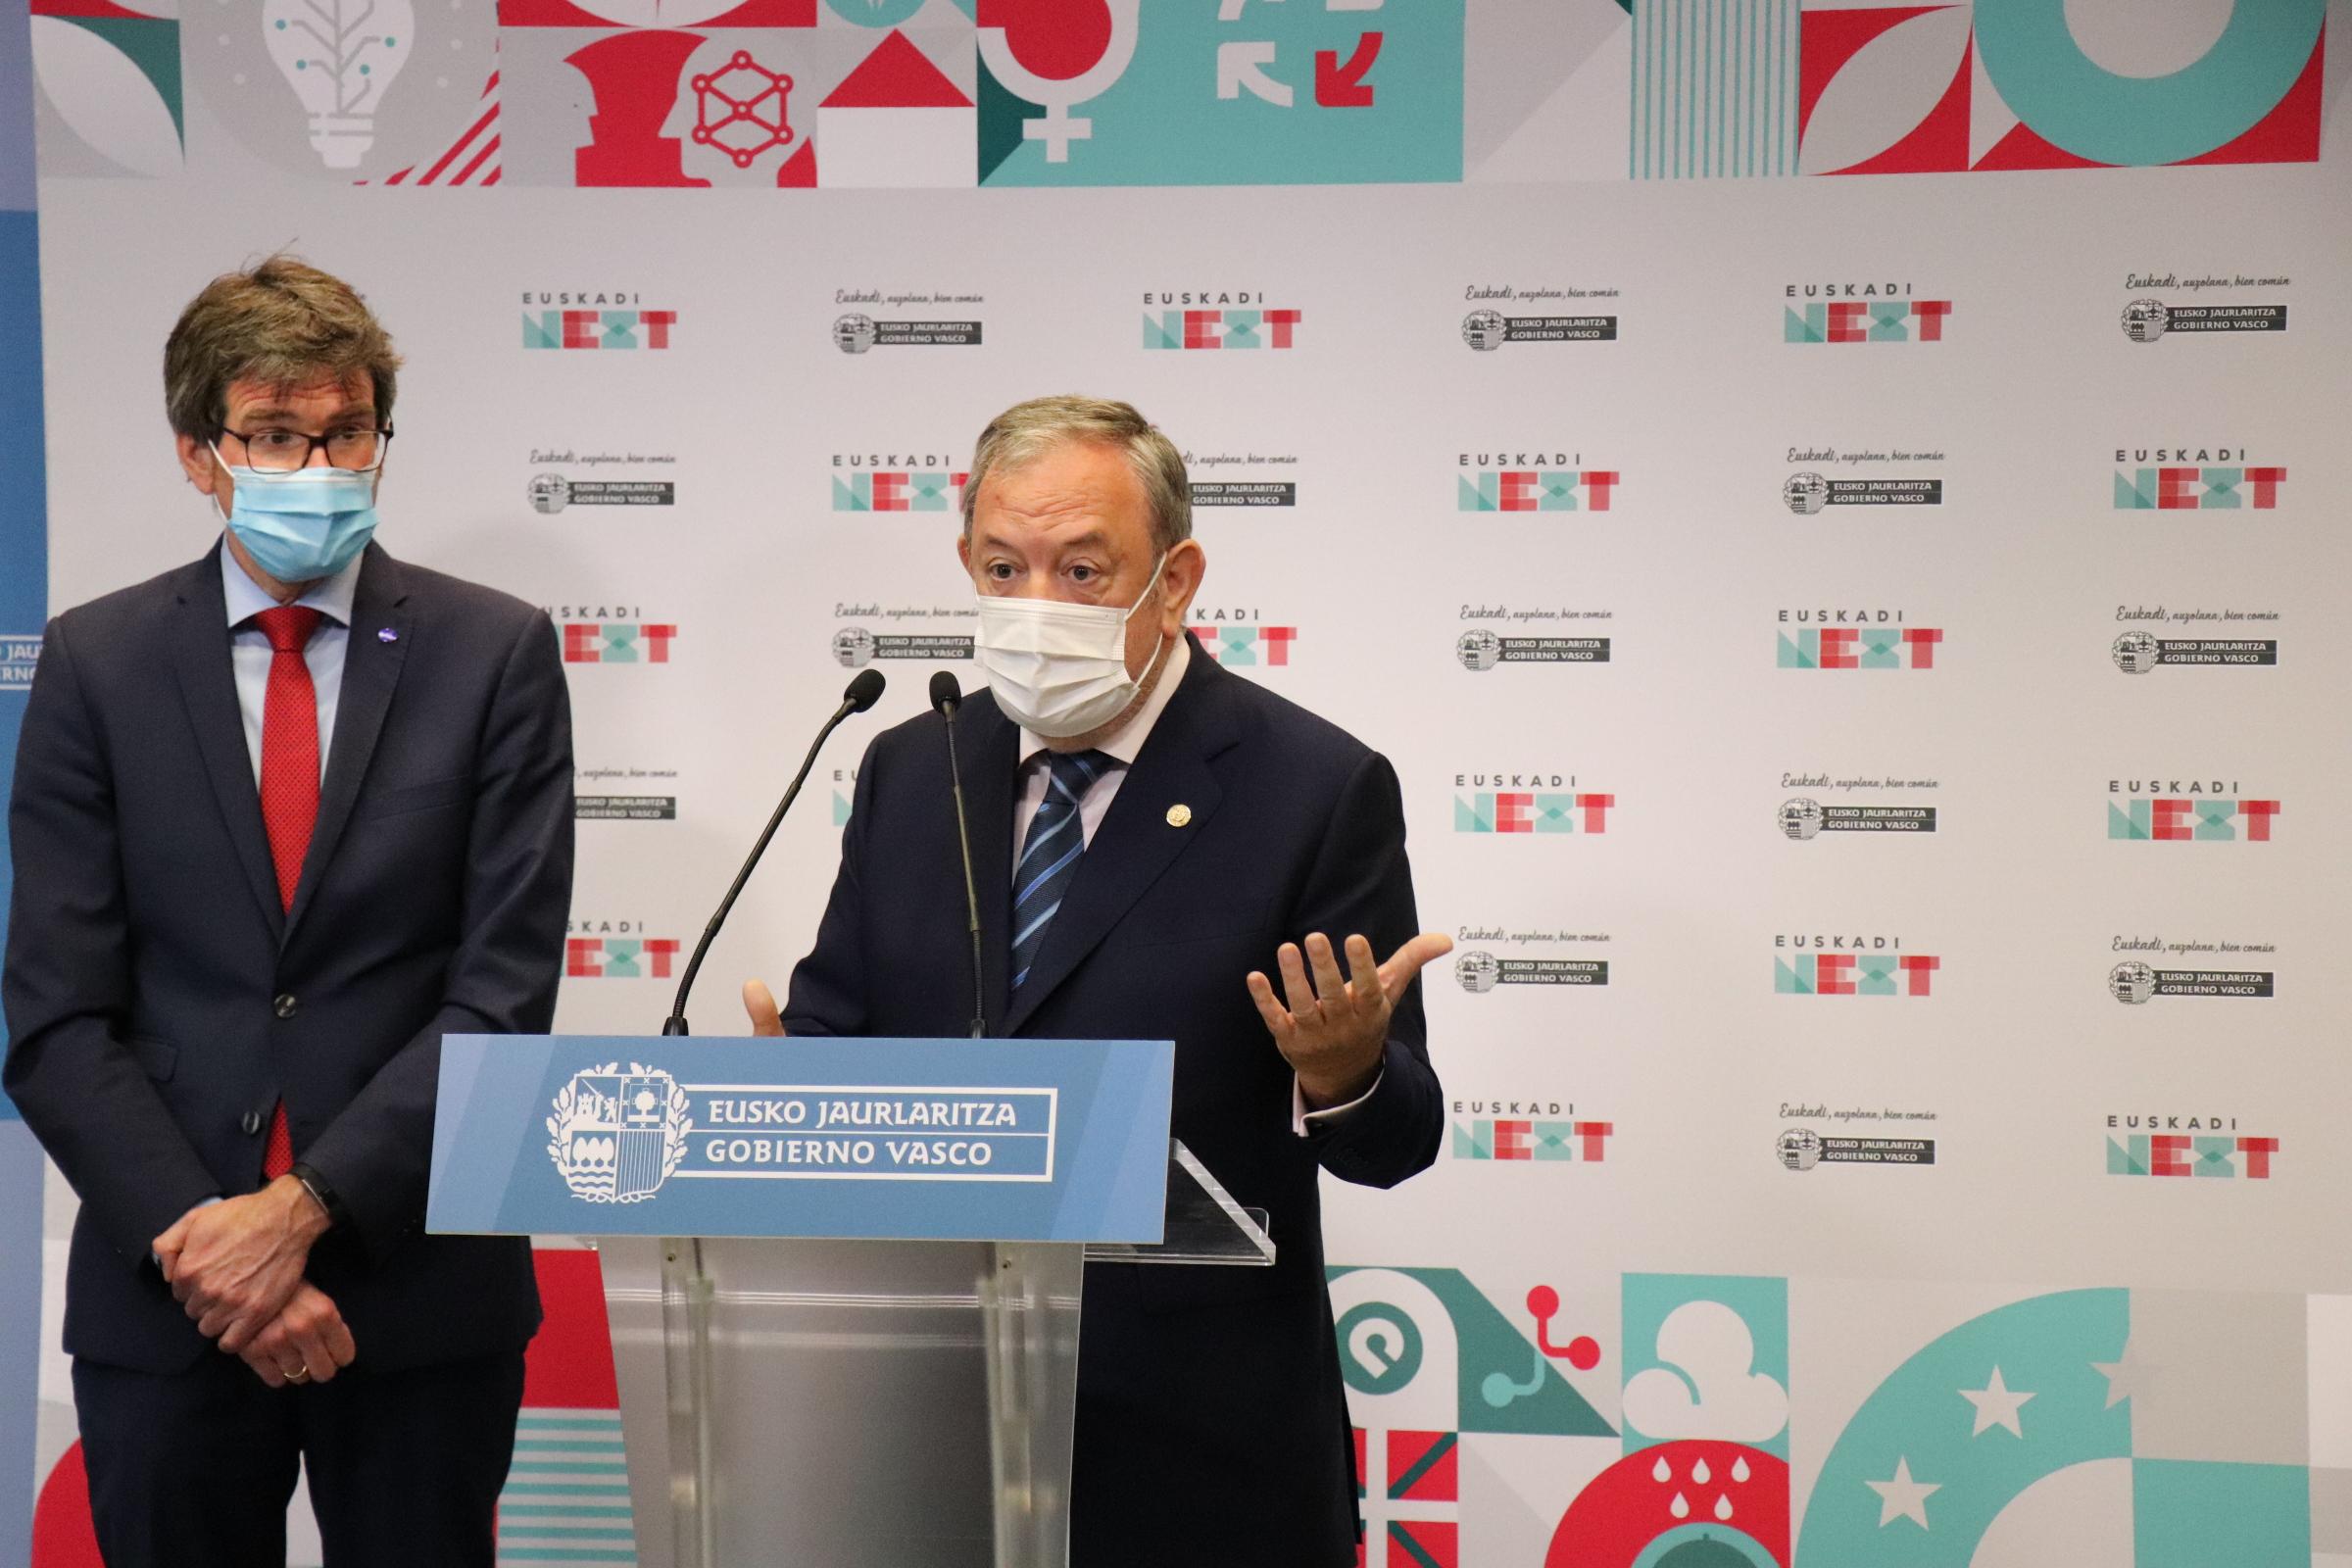 Gobierno Vasco y EUDEL establecen un cauce de colaboración estable para el programa Euskadi Next [18:40]